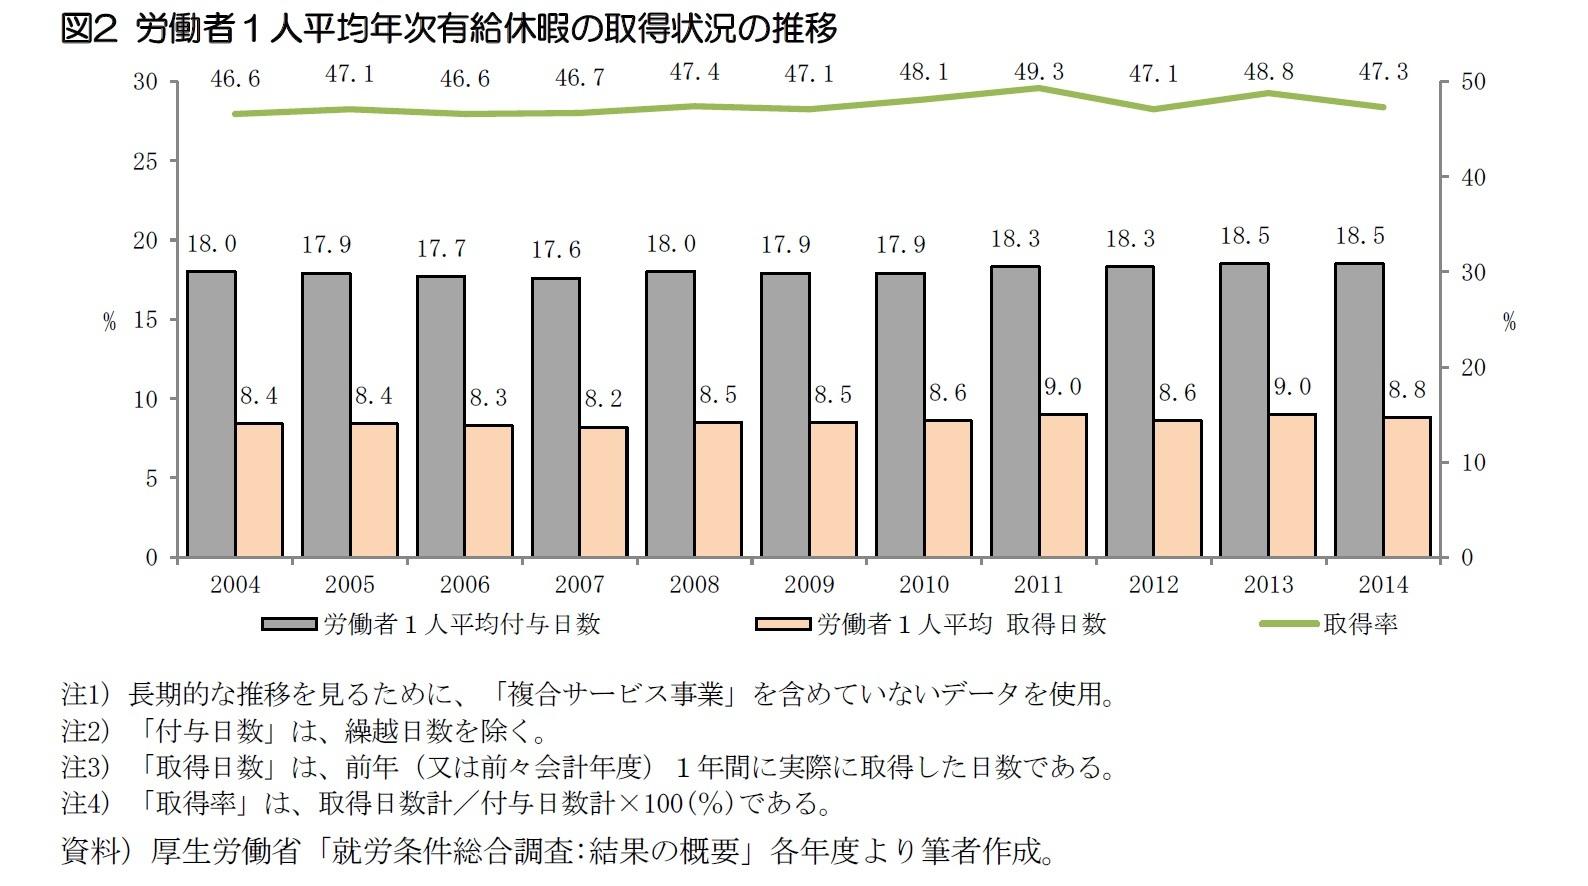 図2 労働者1人平均年次有給休暇の取得状況の推移